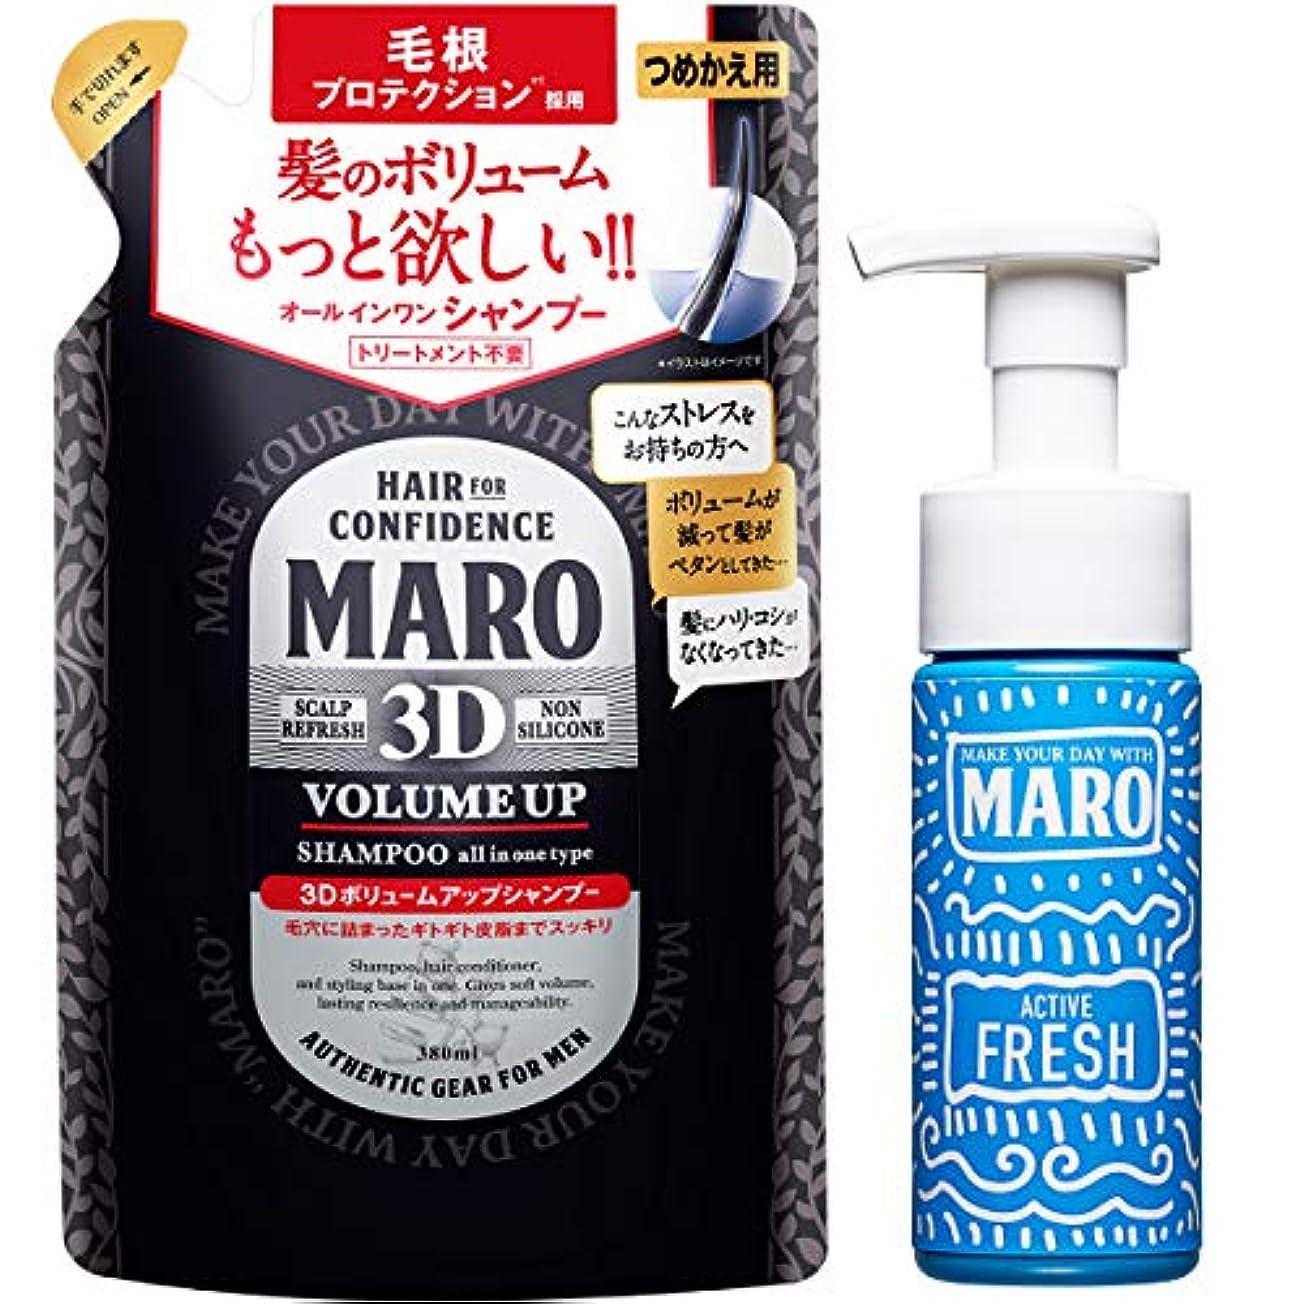 かける無し火山学者MARO(マーロ) 3Dシャンプー 泡洗顔付き セット 380ml+150ml